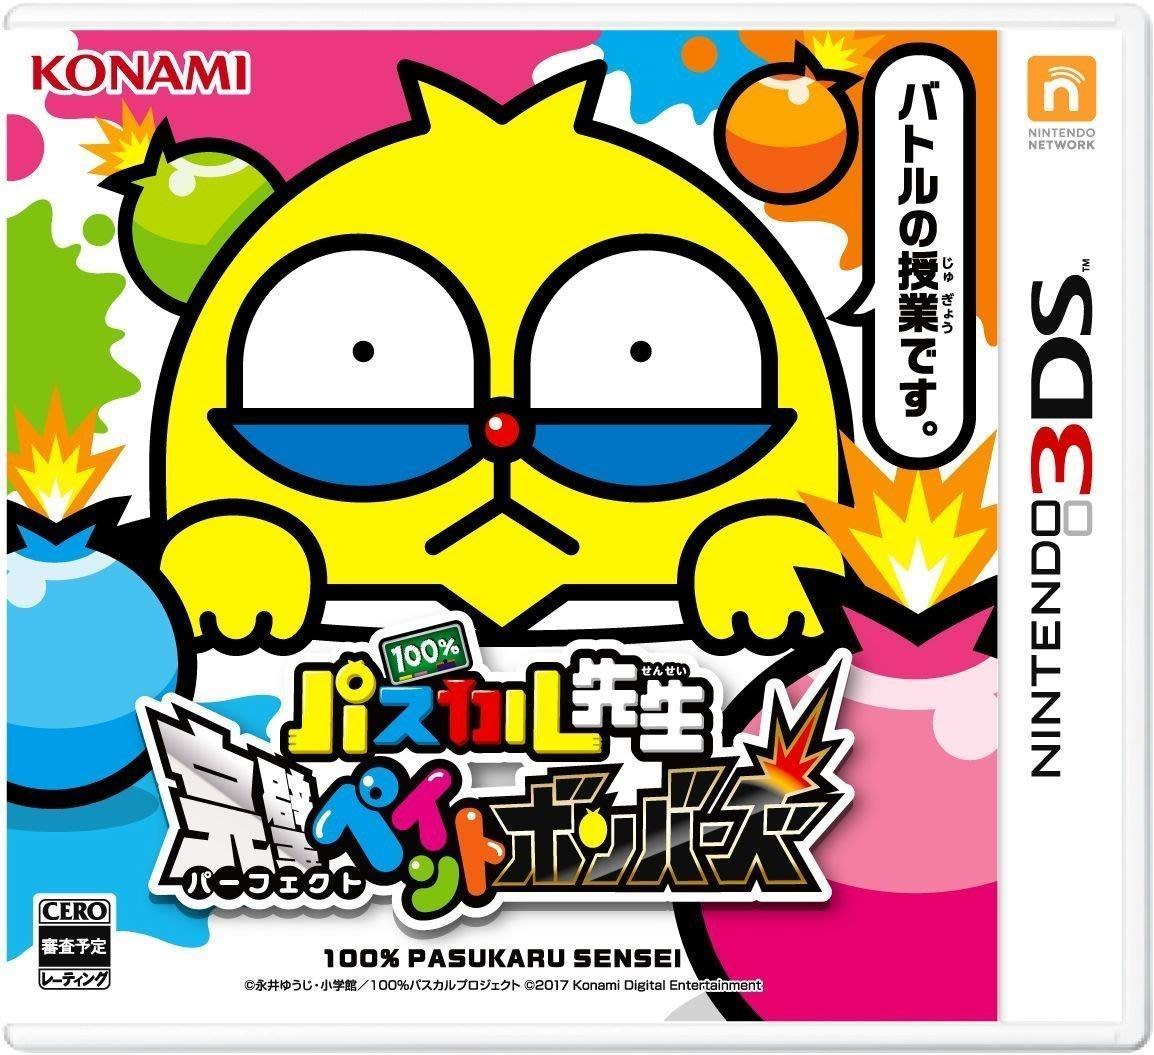 【勁多野】現貨供應 3DS 100% 帕斯卡老師 完美顏料轟炸機 普通版 純日版 (日幣5378)